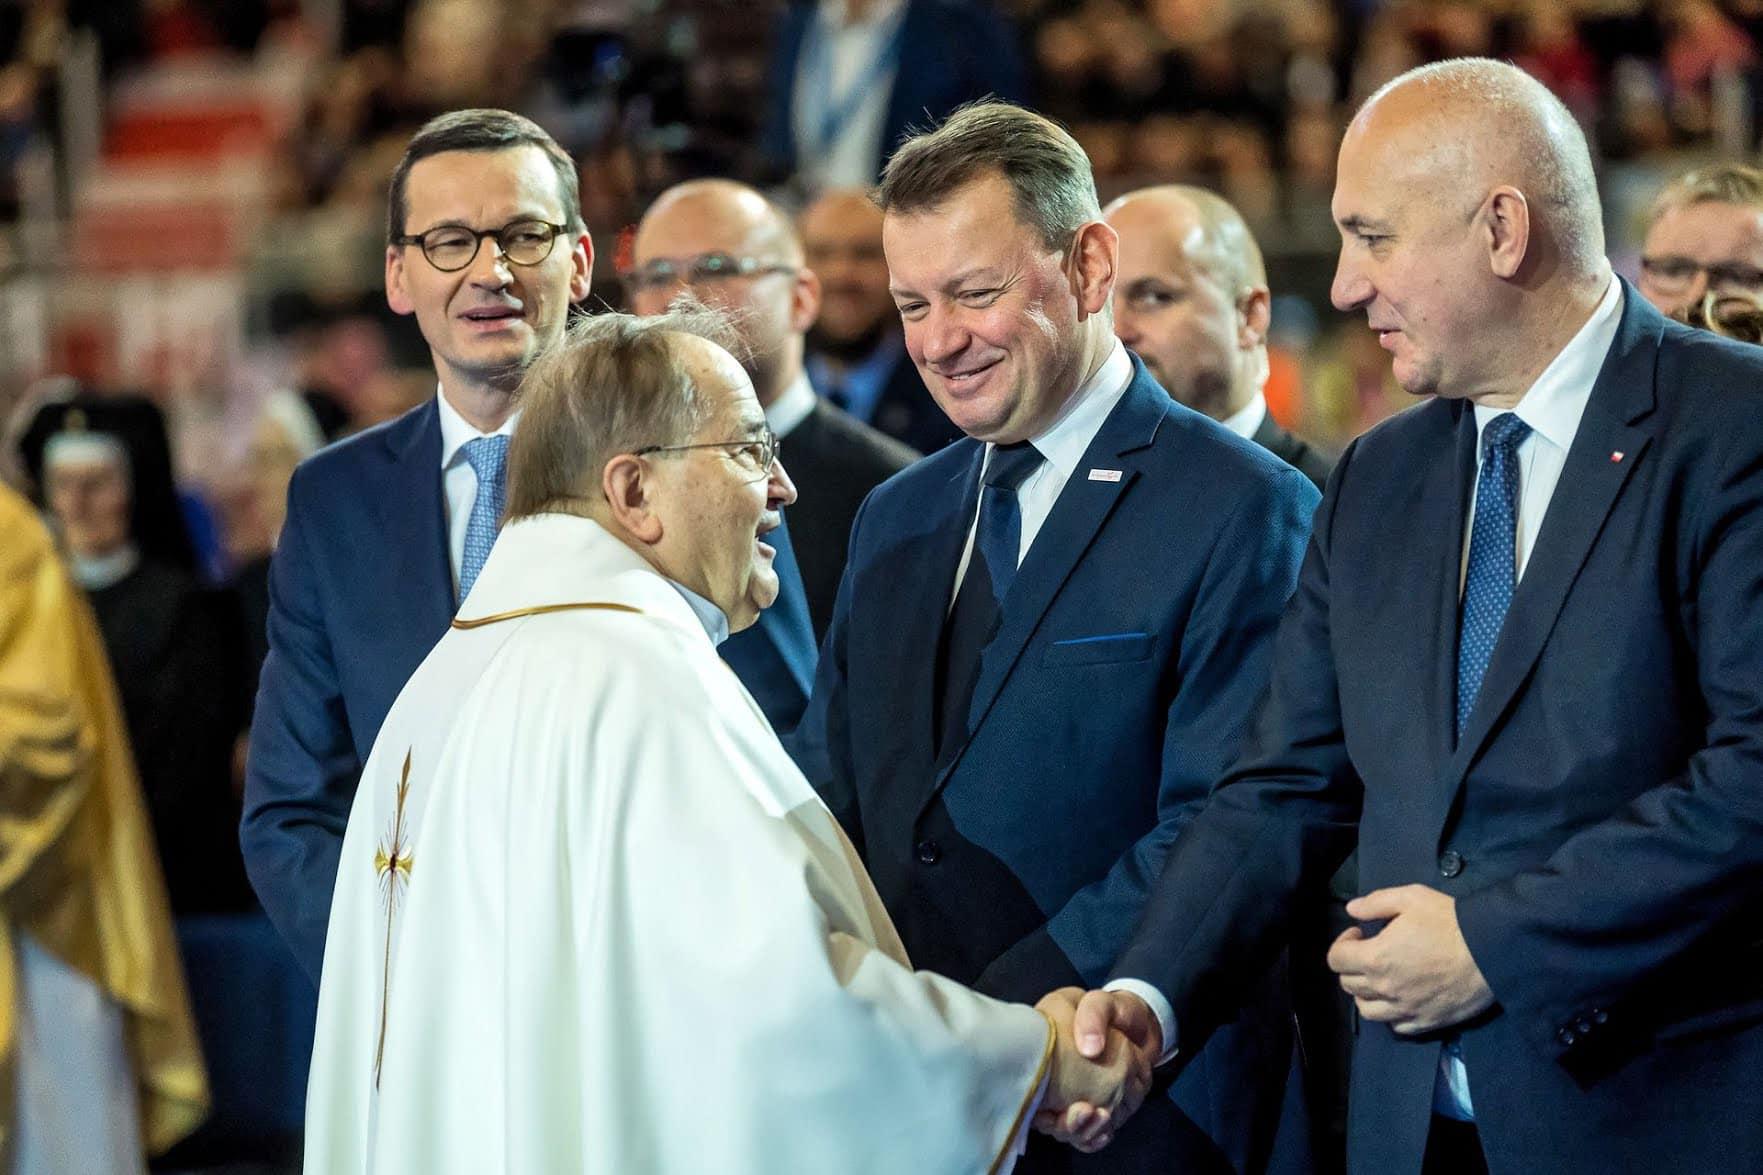 Czy polski Kościół dokonał już schizmy?